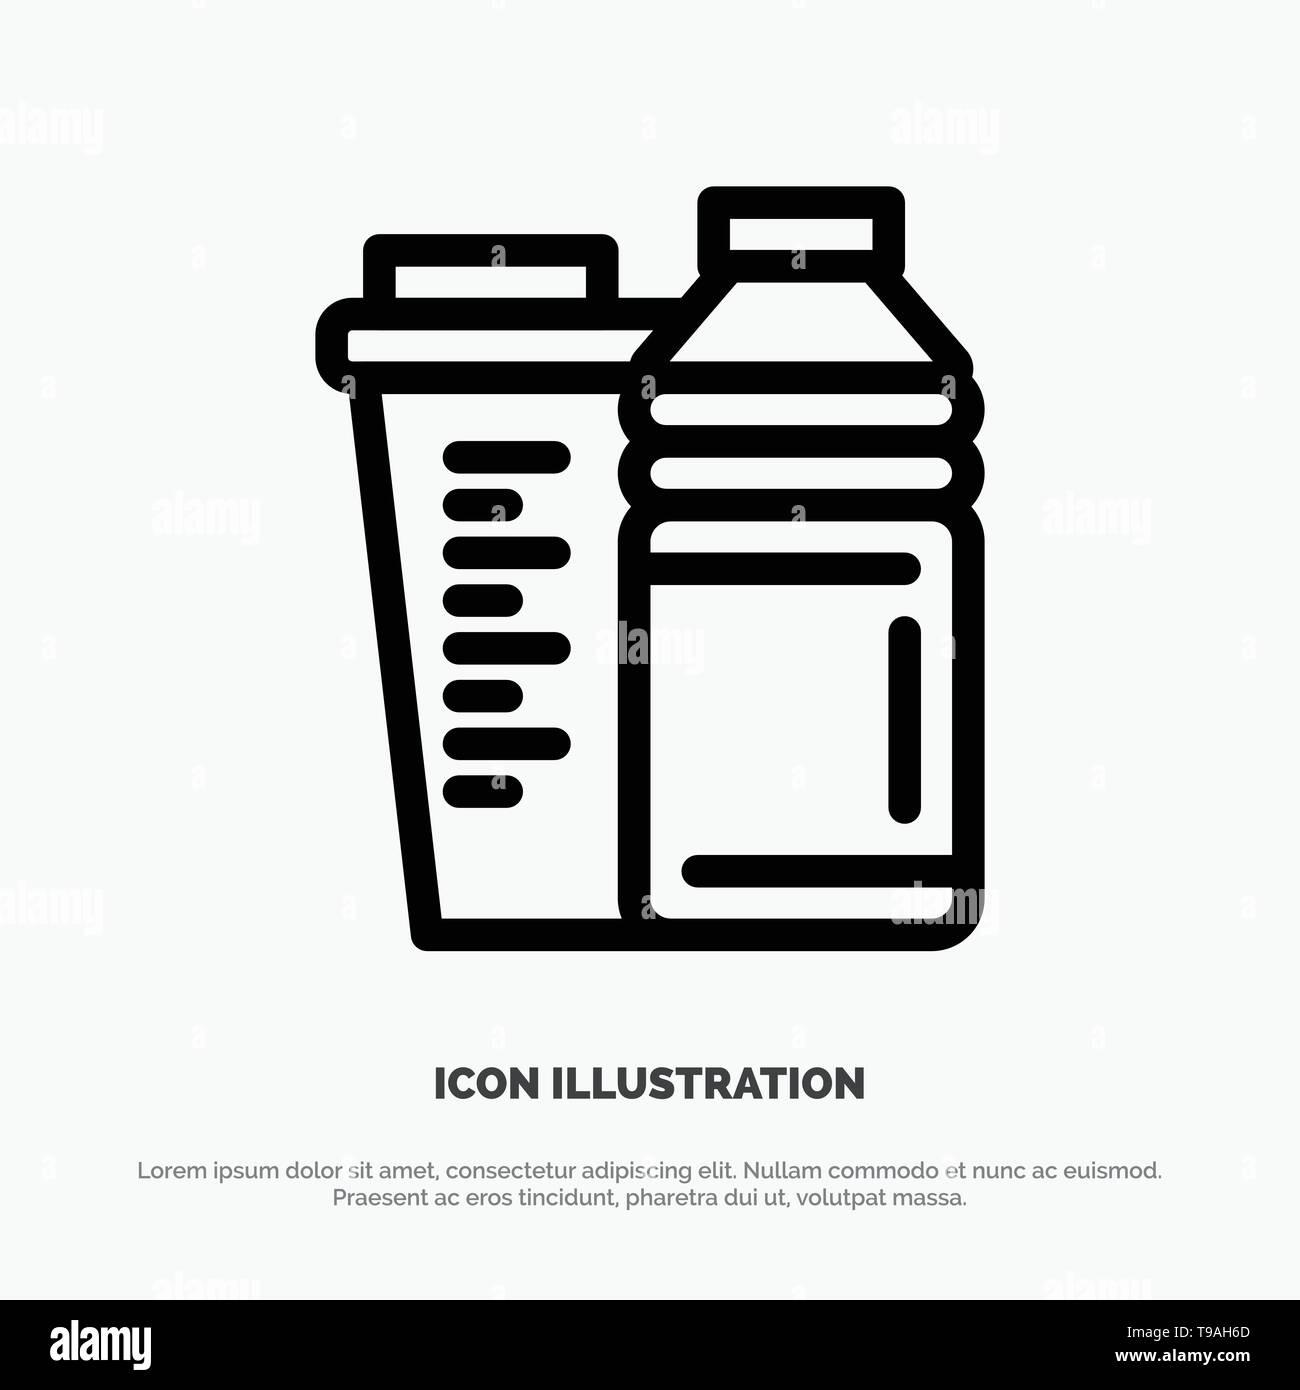 Bottle, Drink, Energy, Shaker, Sport Line Icon Vector - Stock Image